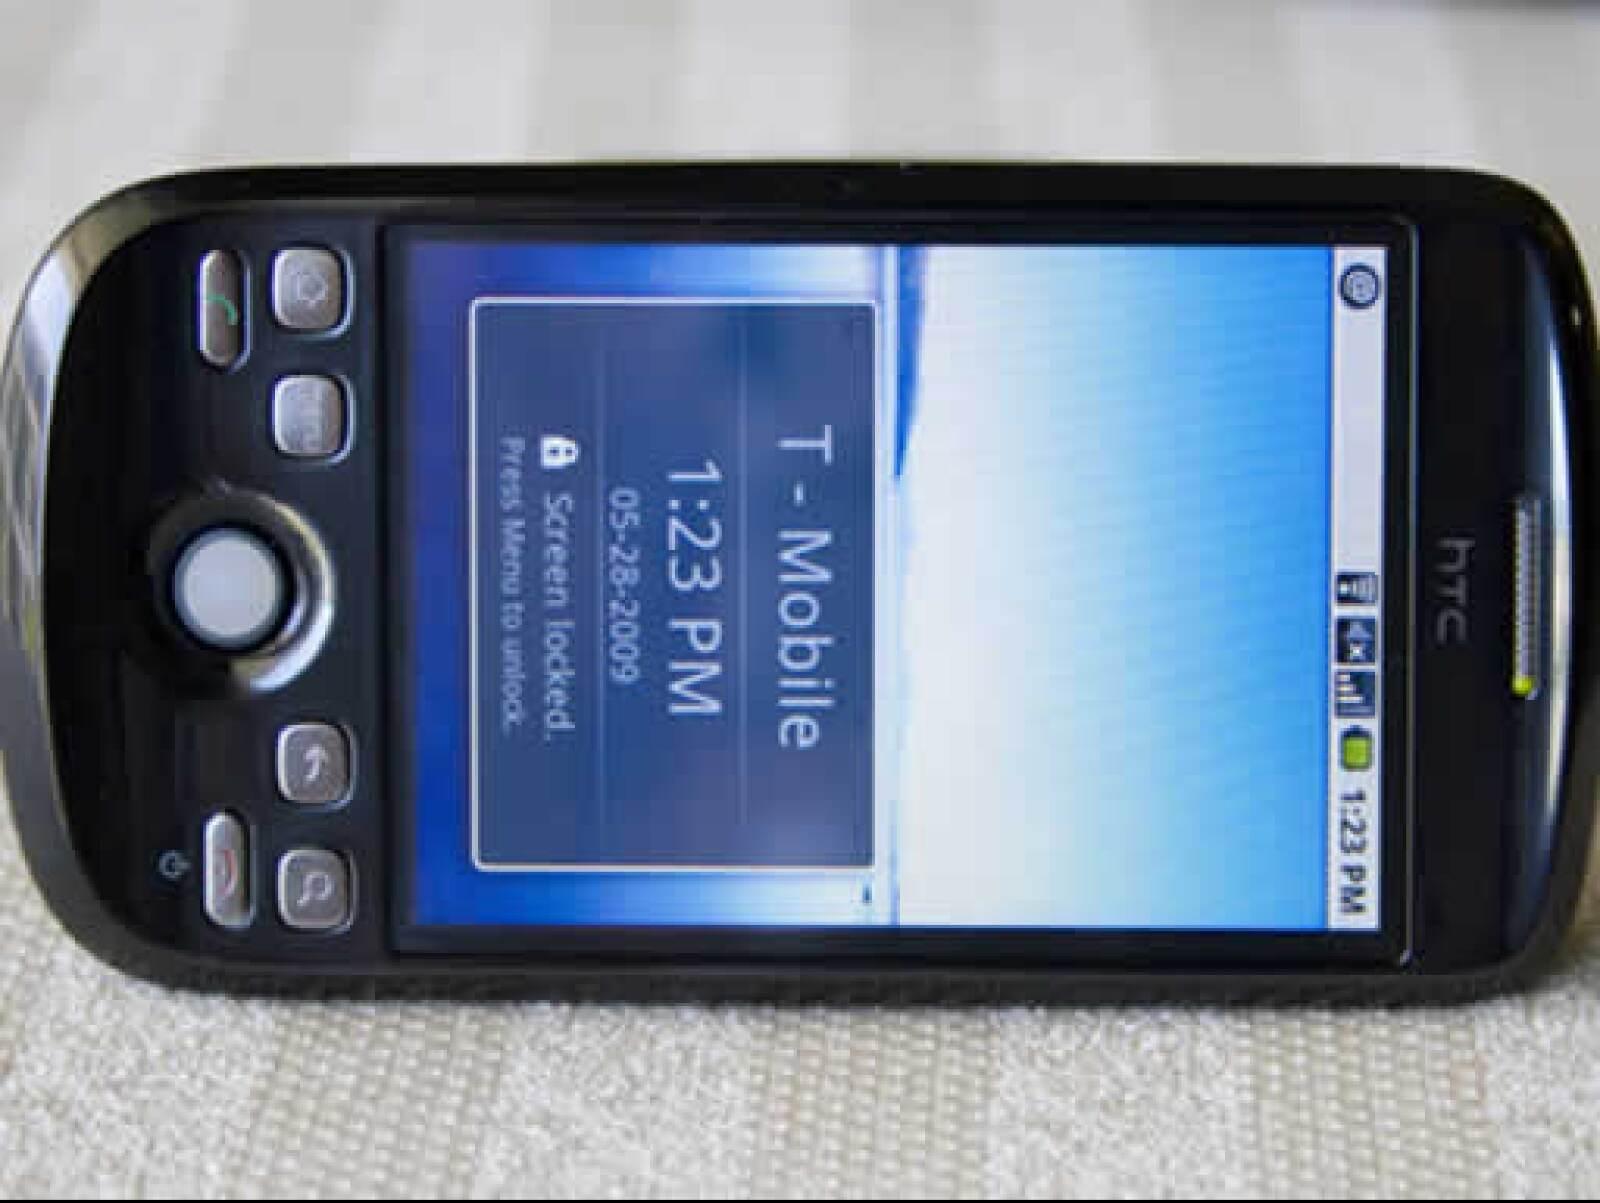 El T-Mobile G2 de Google Ion tiene capacidad de 512MB en memoria ROM y 288MB en memoria RAM